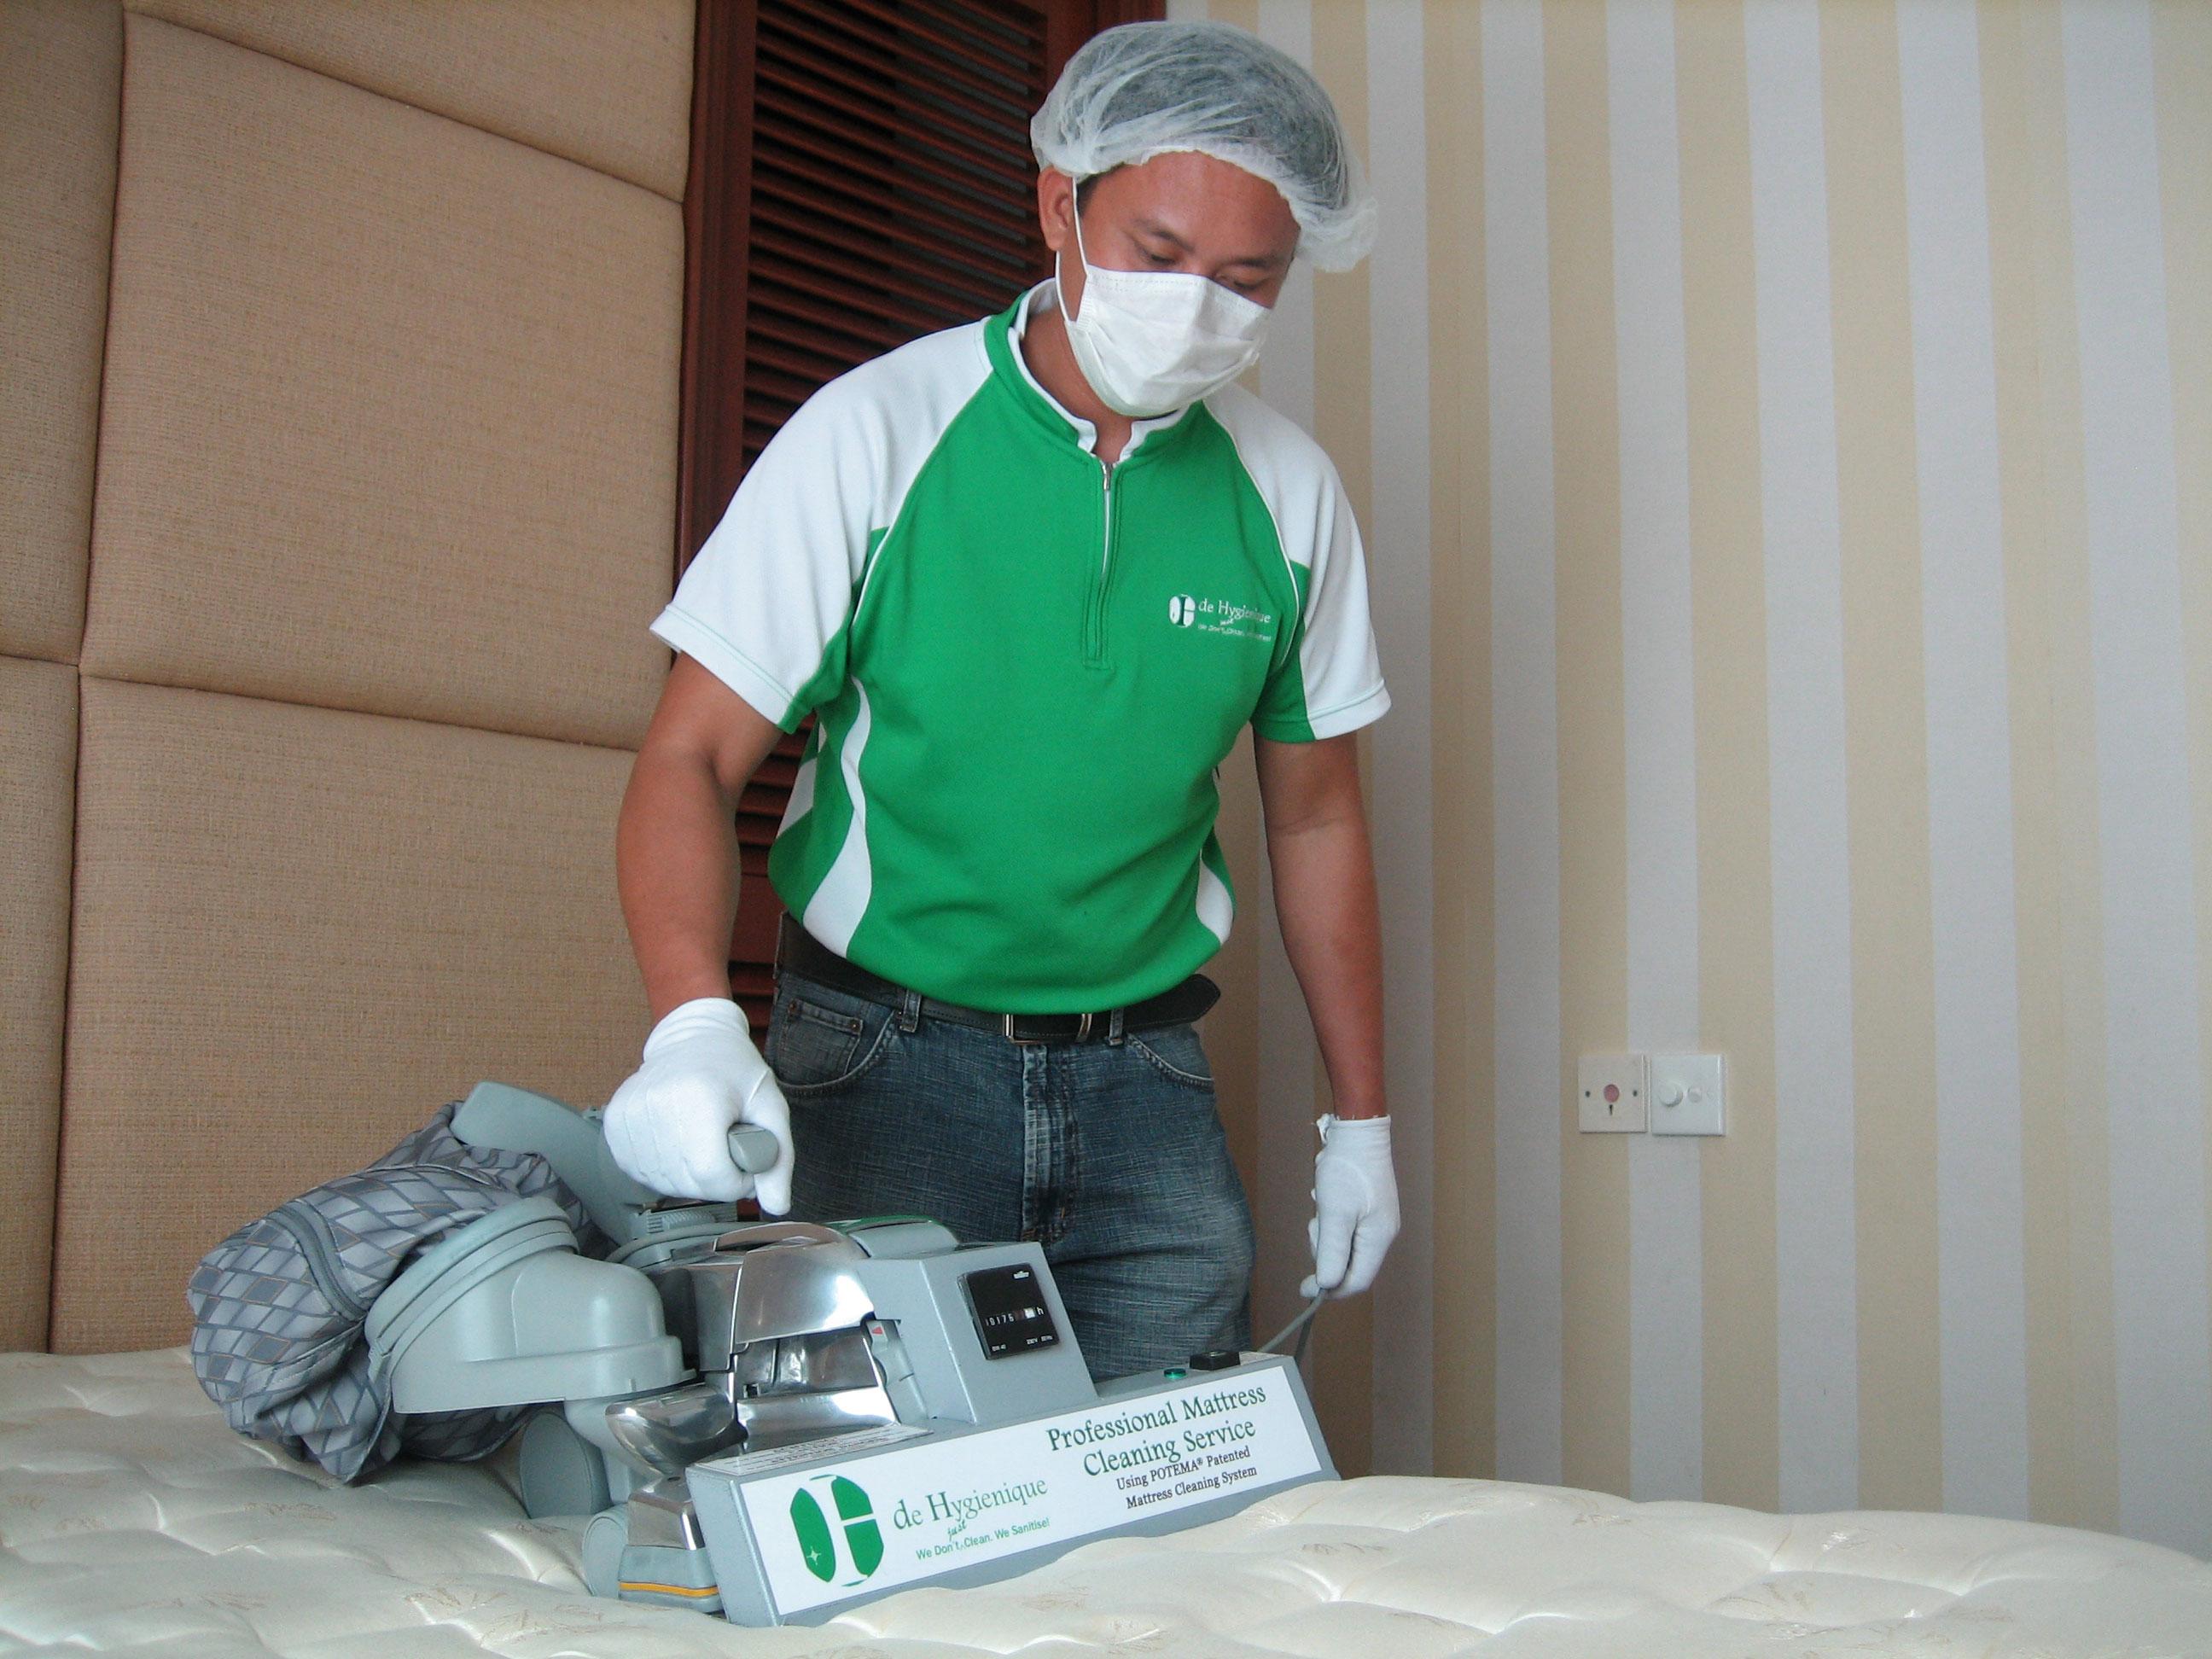 Staff deep cleaning a mattress